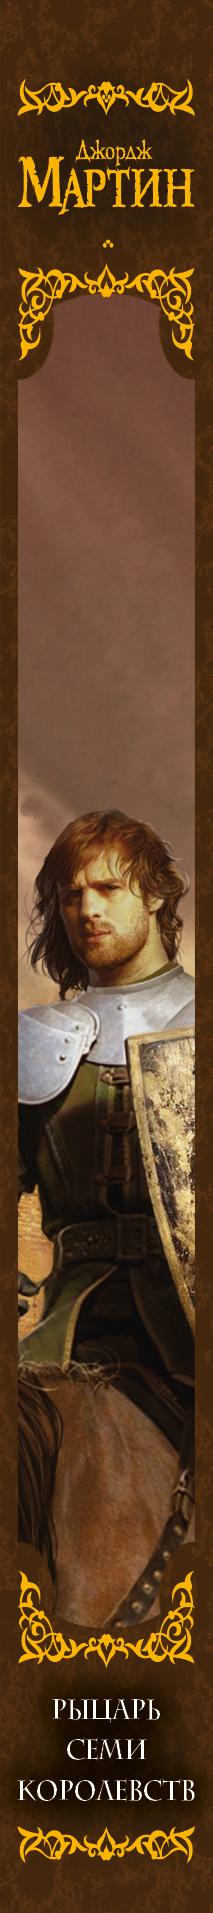 Источник: Мартин Д., Рыцарь Семи Королевств